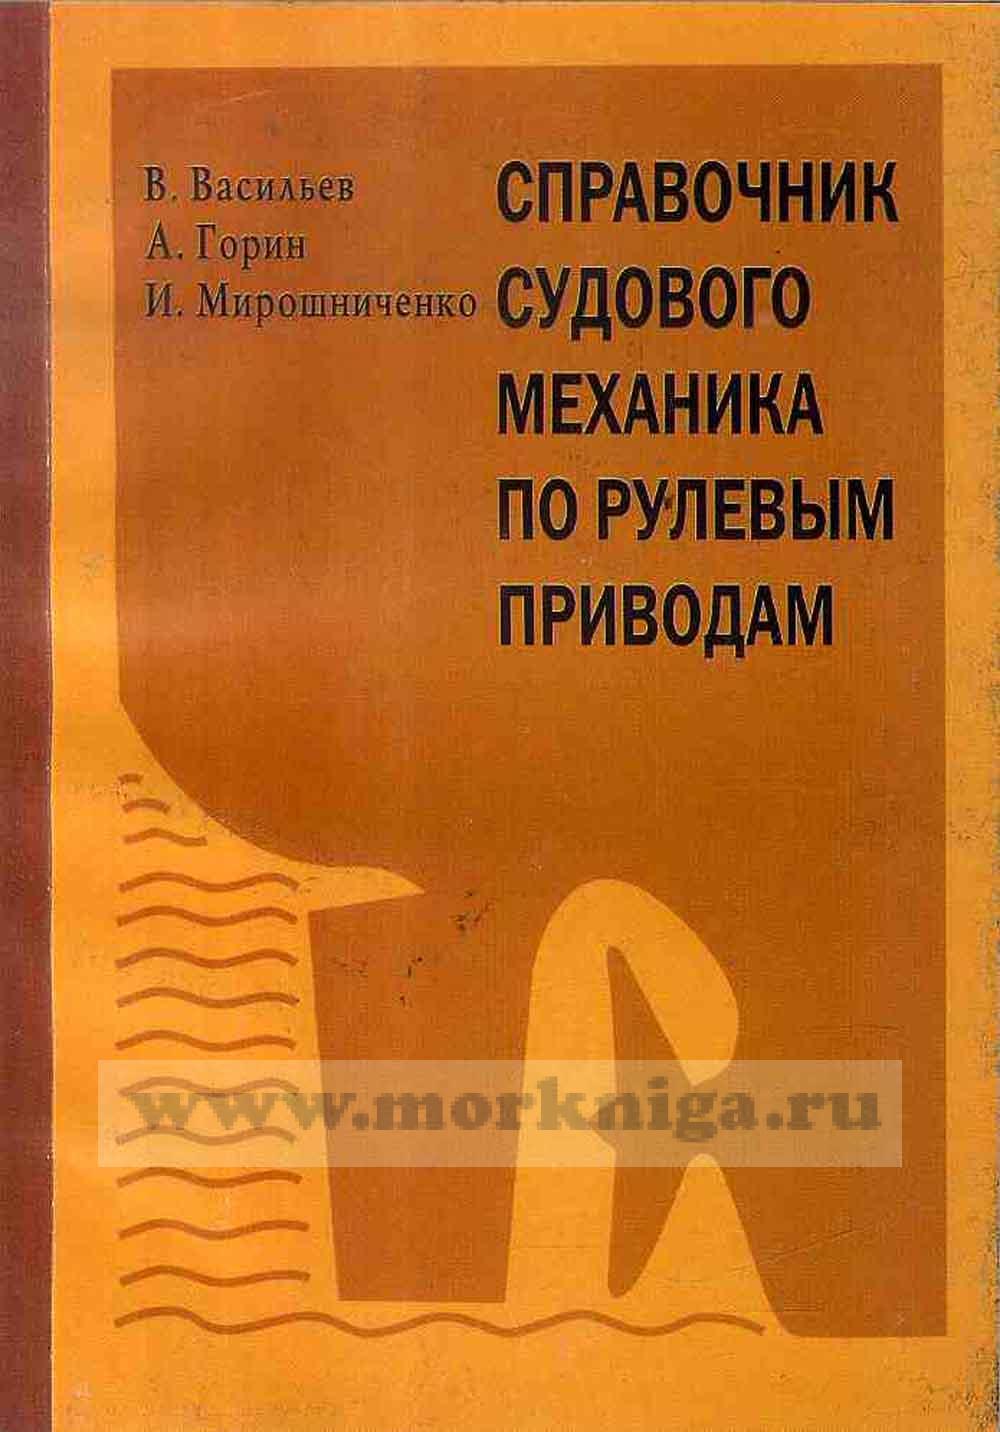 Справочник судового механика по рулевым приводам